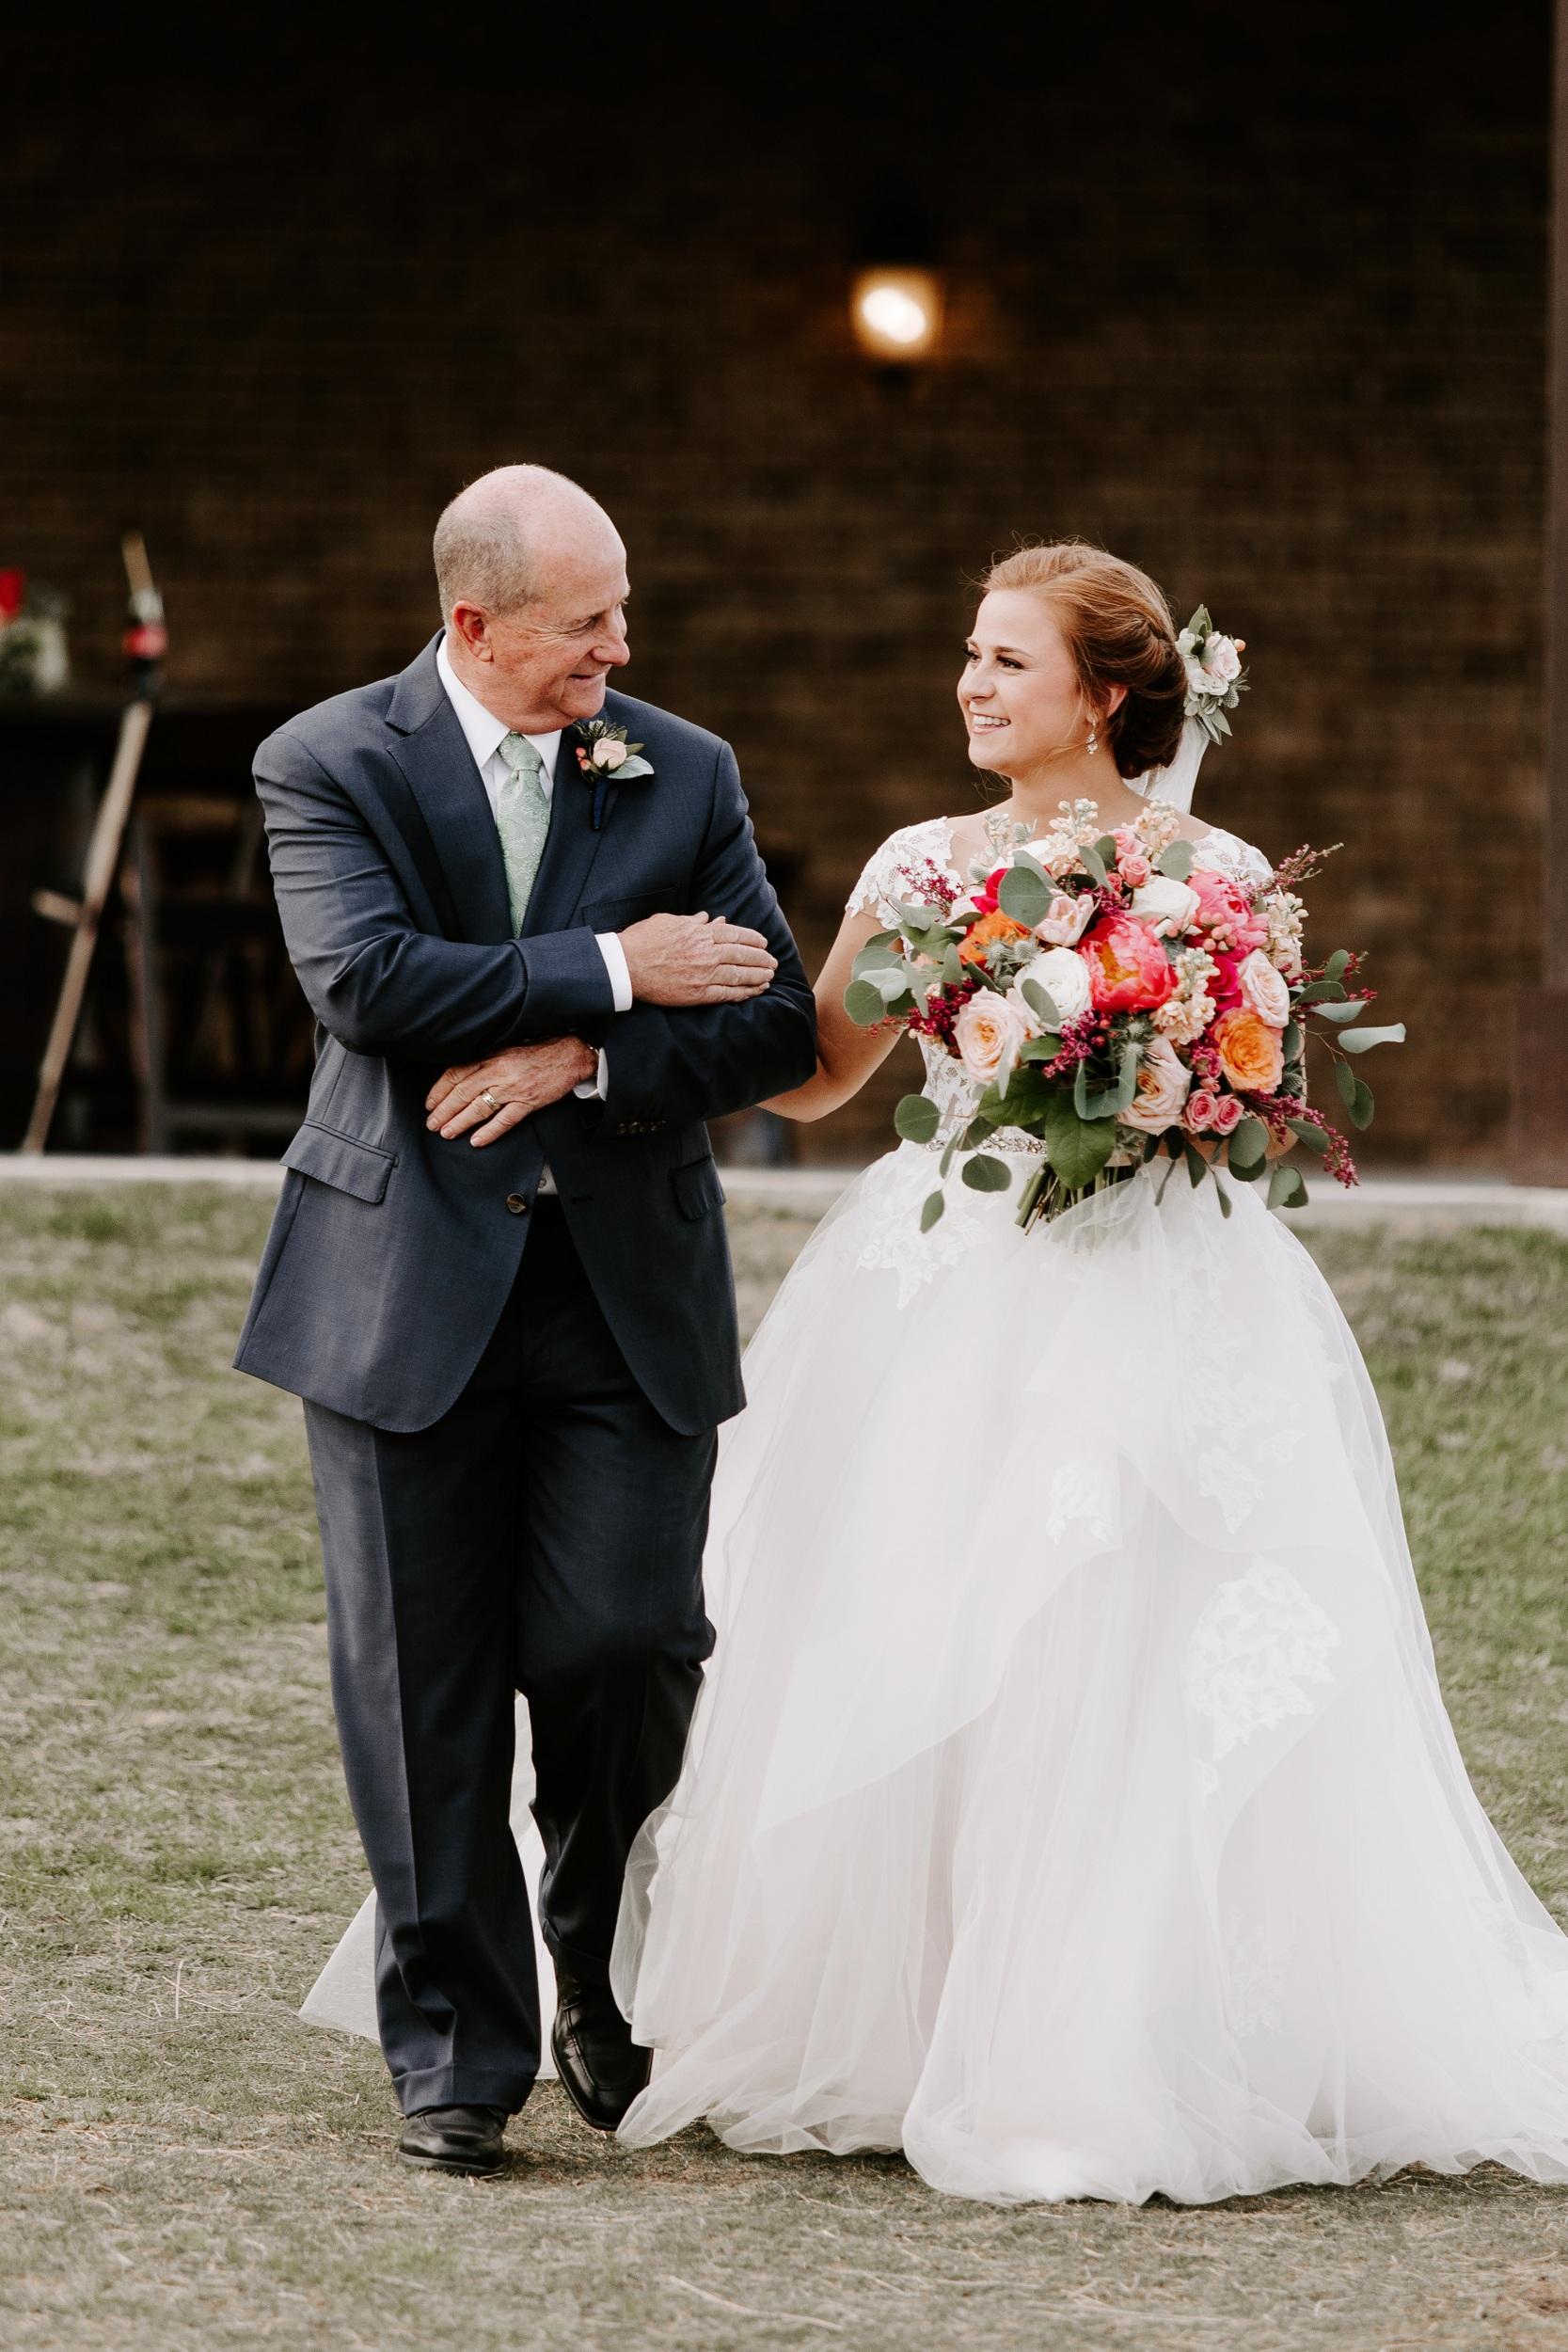 1-MADDY + PATRICK WEDDING_HALEY RYNN RINGO_rent my dust_c (53).jpg